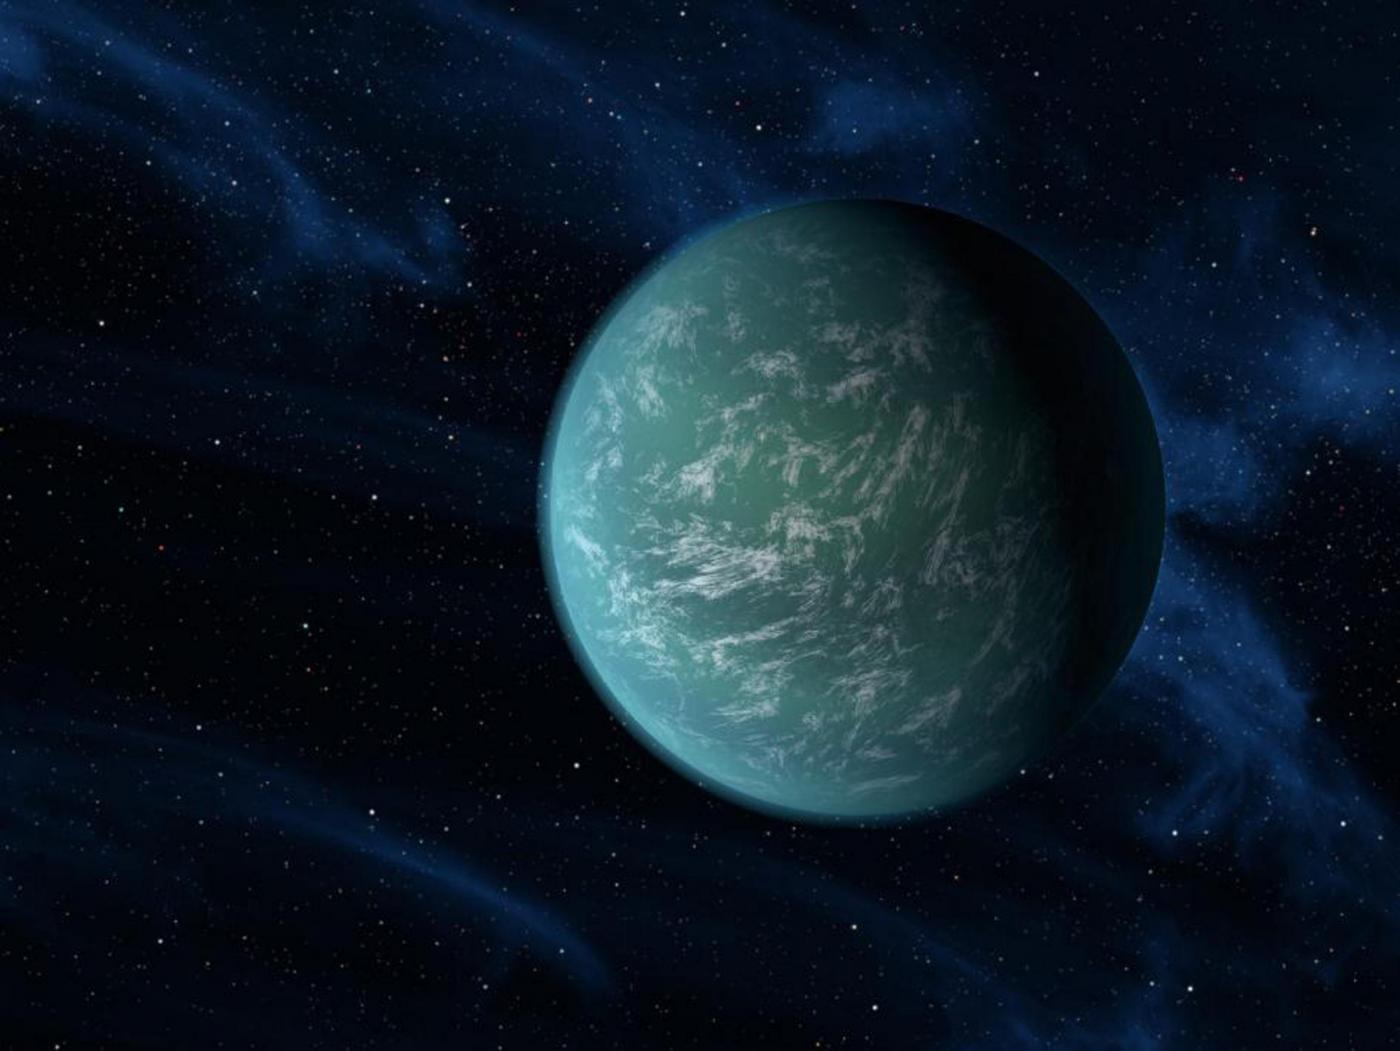 Il nostro pianeta gemello